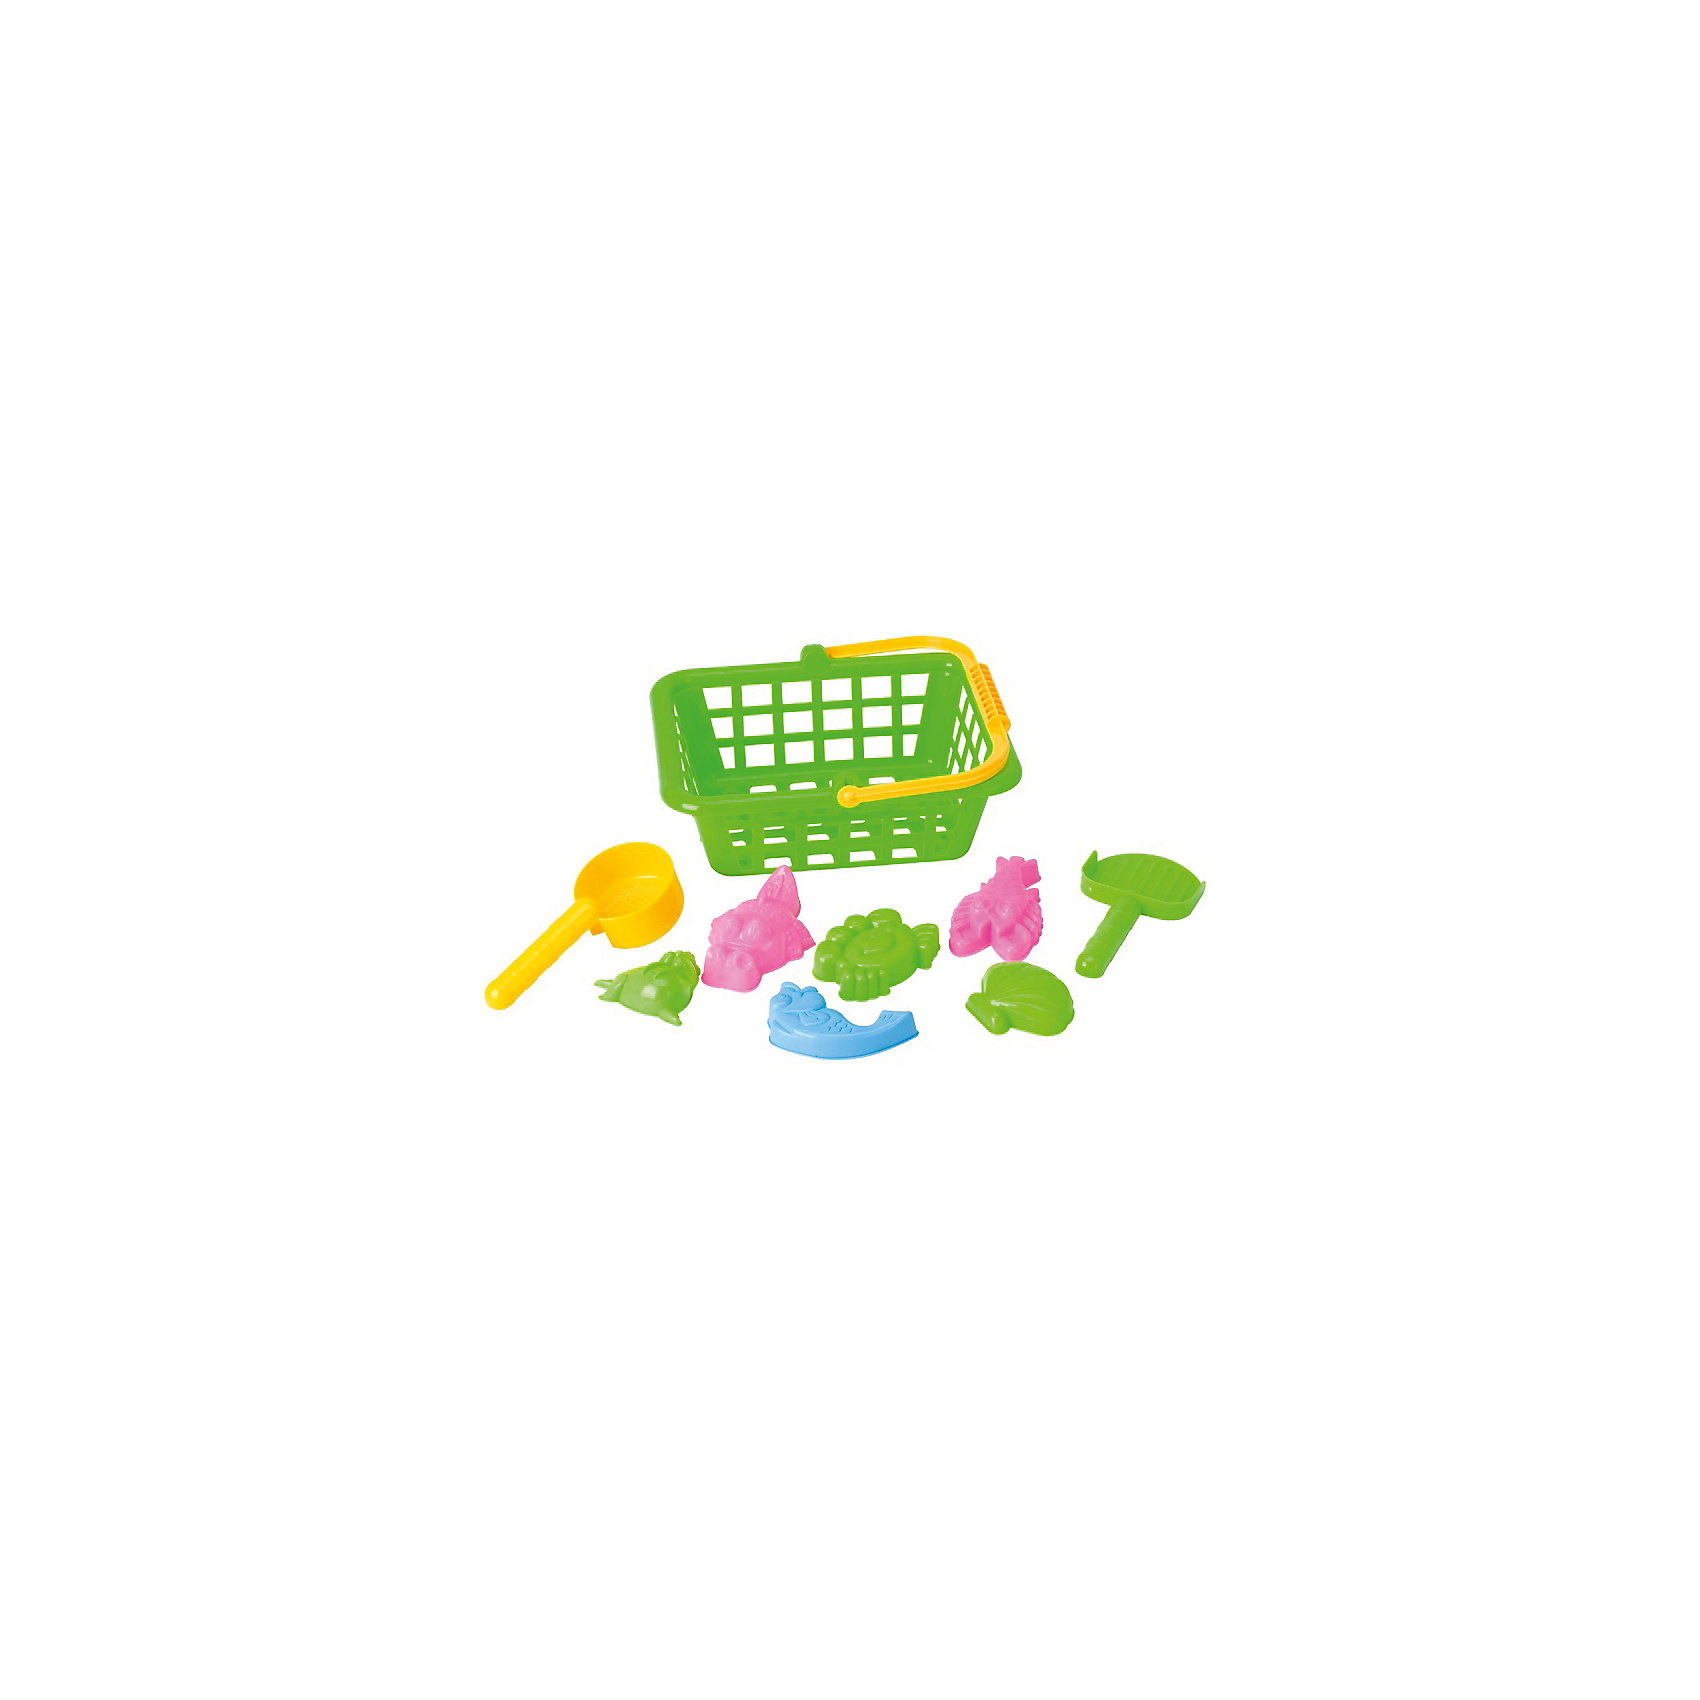 Игровой набор Жители моря, 8 предм., в корзинке, Hualian ToysИгровой набор Жители моря, Hualian Toys, порадует Вашего малыша и сделает игры в песочнице еще веселее и интереснее. В комплект входят лопатка, совок-сито, шесть симпатичных формочек в виде фигурок морских обитателей, а также вместительная корзинка с ручкой, куда можно сложить все игрушки. Забавные яркие формочки позволят воплотить в жизнь самые сложные задумки маленького скульптора. Лопатка и совок-сито эргономичной формы прекрасно подходят для маленьких детских ручек. Игрушки выполнены из высококачественного материла, отвечающего всем требованиям детской безопасности. Способствуют развитию тактильных ощущений, мелкой и крупной моторики рук ребёнка, а также его двигательной активности.<br><br>Дополнительная информация:        <br><br>- В комплекте: 6 формочек, лопатка, совок-сито, корзина.<br>- Материал: пластик. <br>- Размер упаковки: 28 х 13,5 х 11,5 см.<br>- Вес: 0,255 кг.<br><br>Игровой набор Жители моря, 8 предметов, в корзинке, Hualian Toys, можно купить в нашем интернет-магазине.<br><br>Ширина мм: 280<br>Глубина мм: 135<br>Высота мм: 115<br>Вес г: 255<br>Возраст от месяцев: 36<br>Возраст до месяцев: 72<br>Пол: Унисекс<br>Возраст: Детский<br>SKU: 4622255